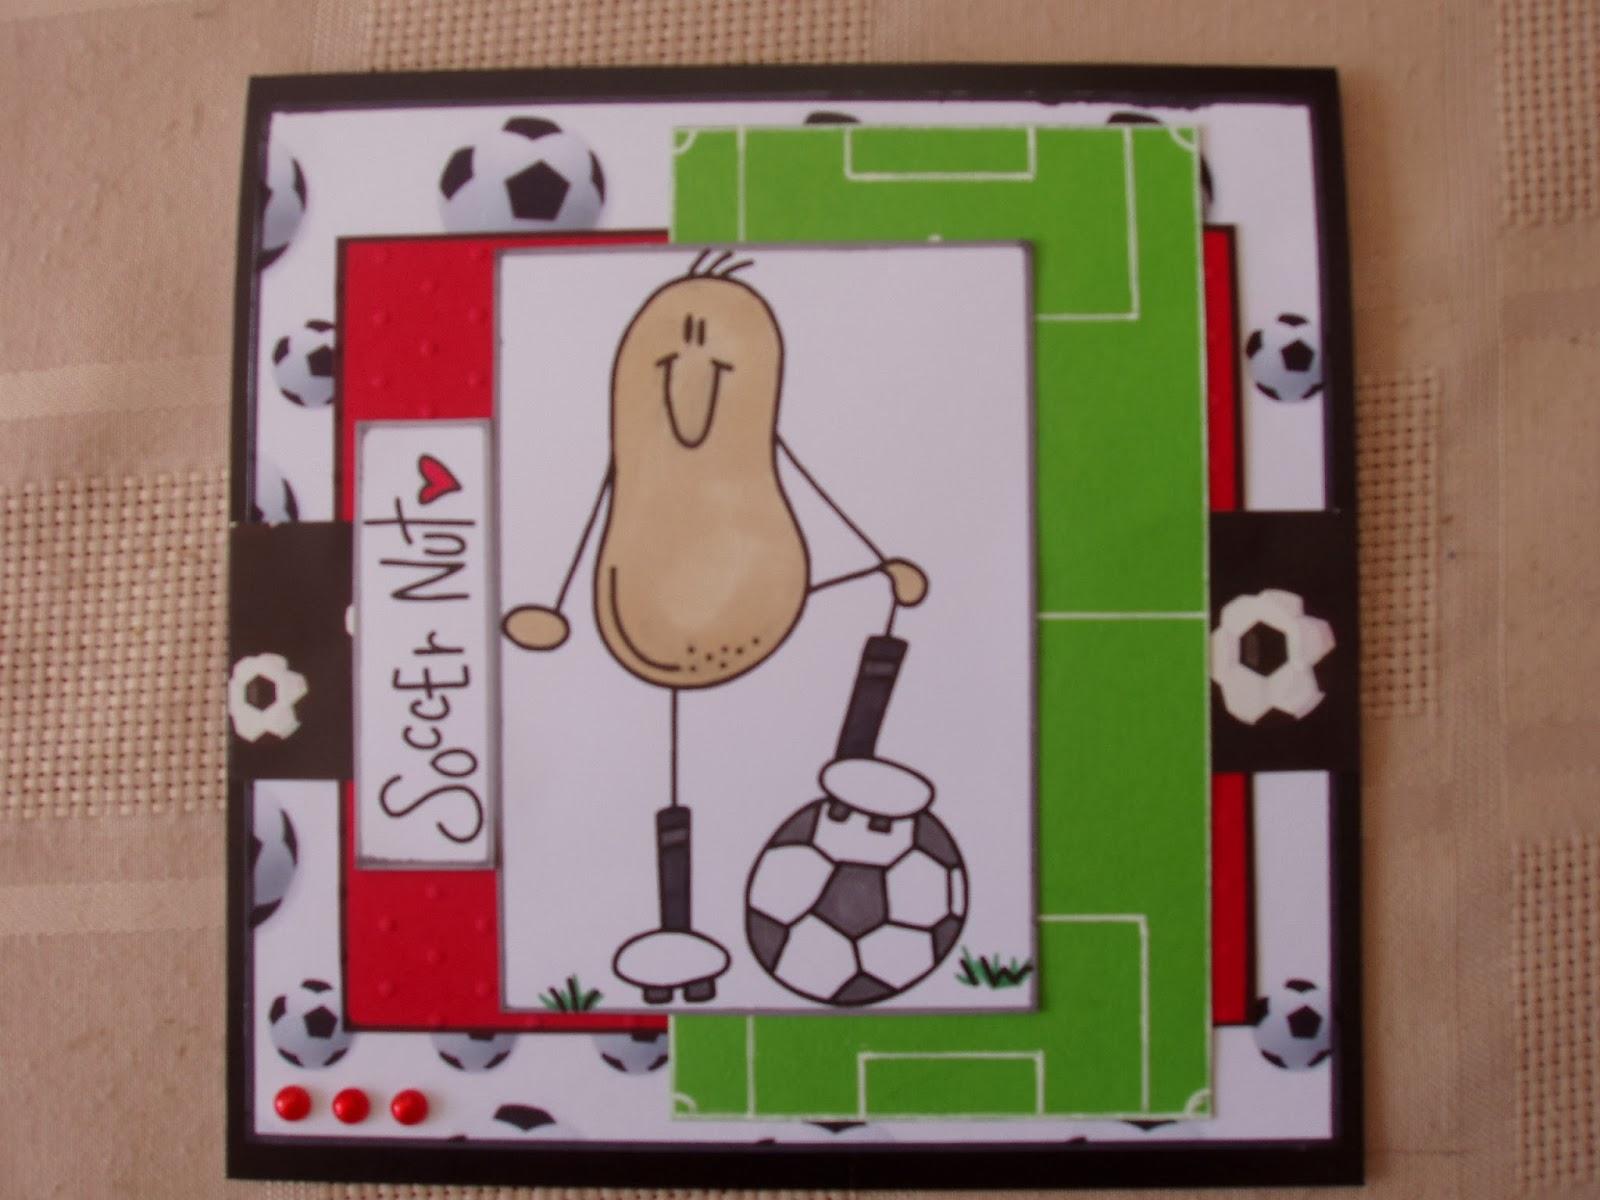 http://flossbites-cardmaking.blogspot.com/2013/04/soccer-nut-birthday-card.html